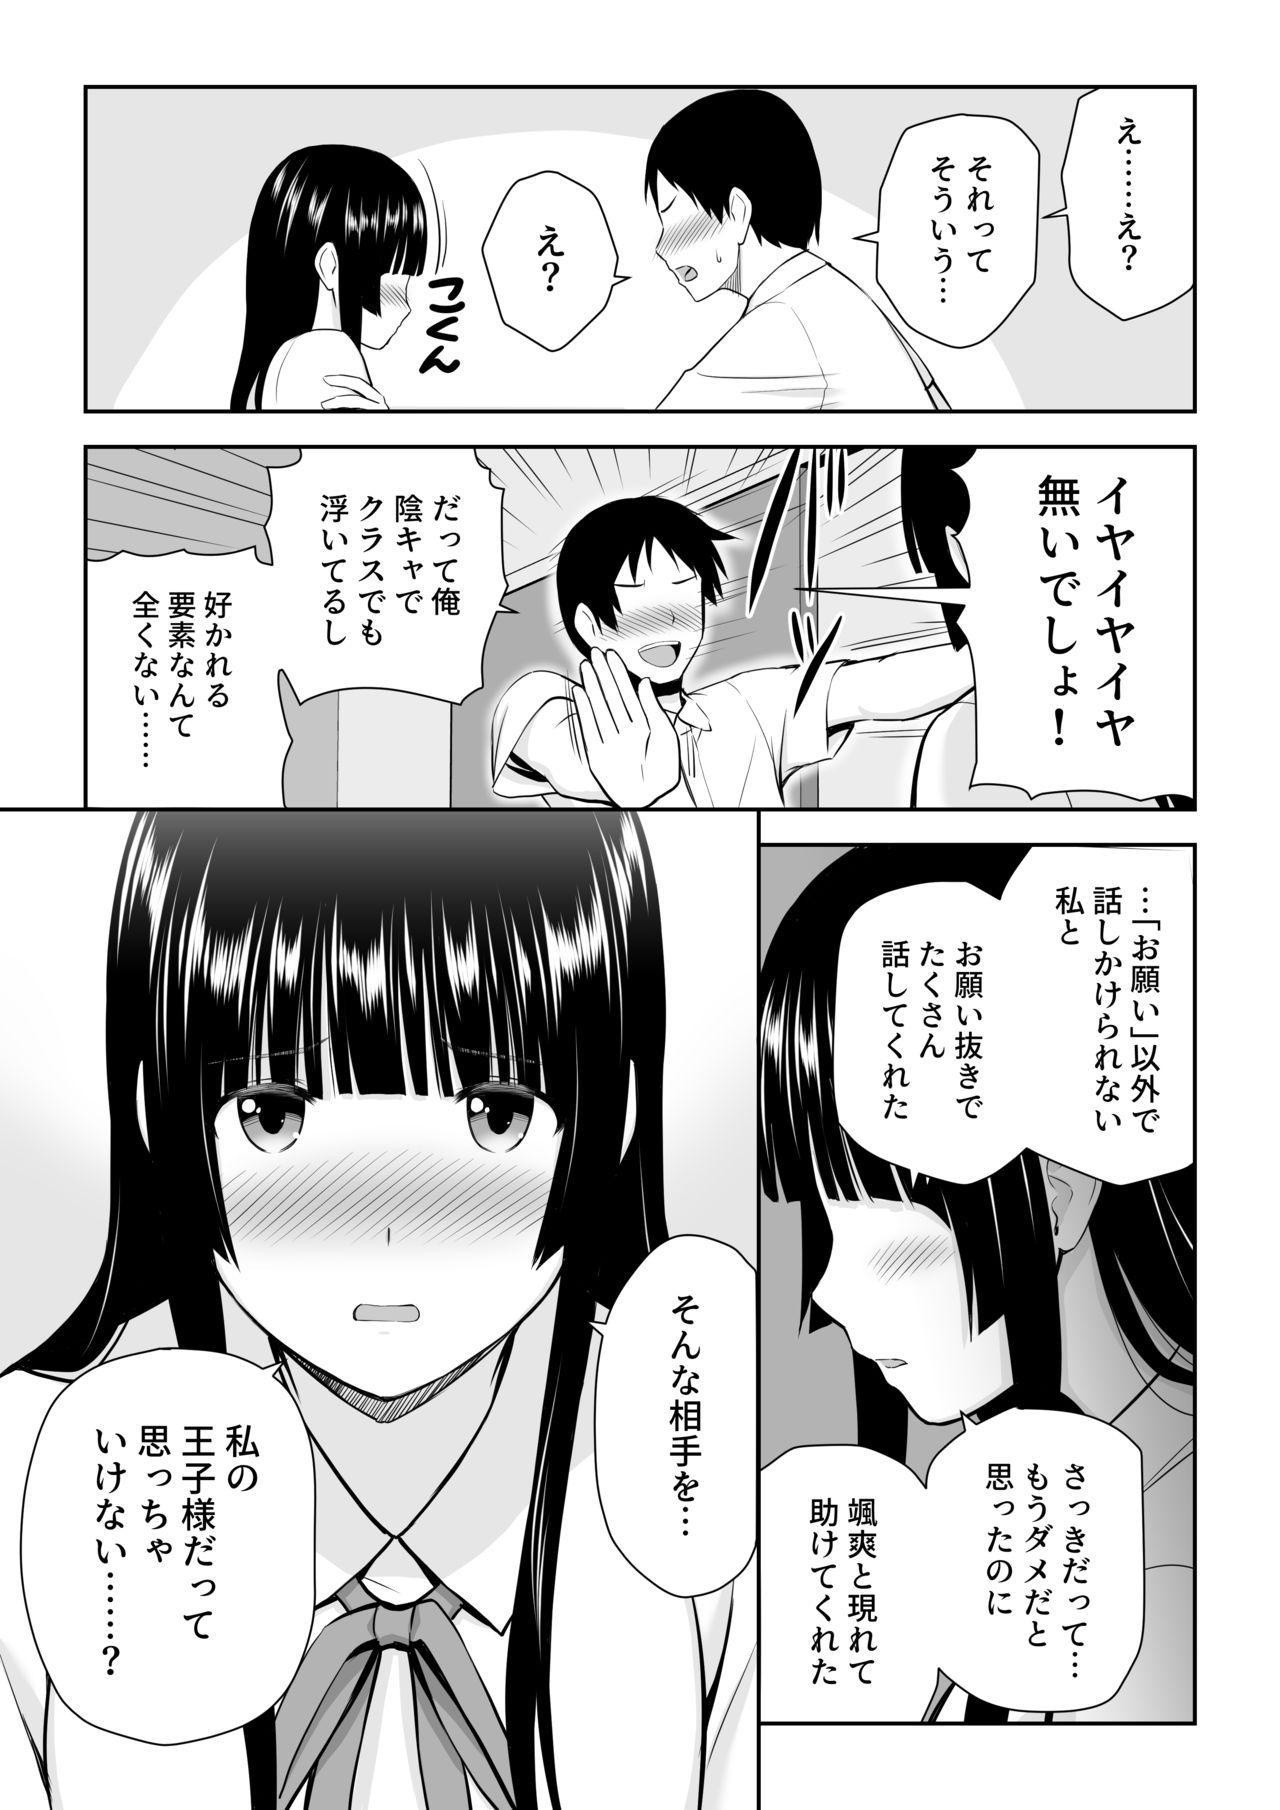 Suzushiro-san wa Onegai ni Yowai 37